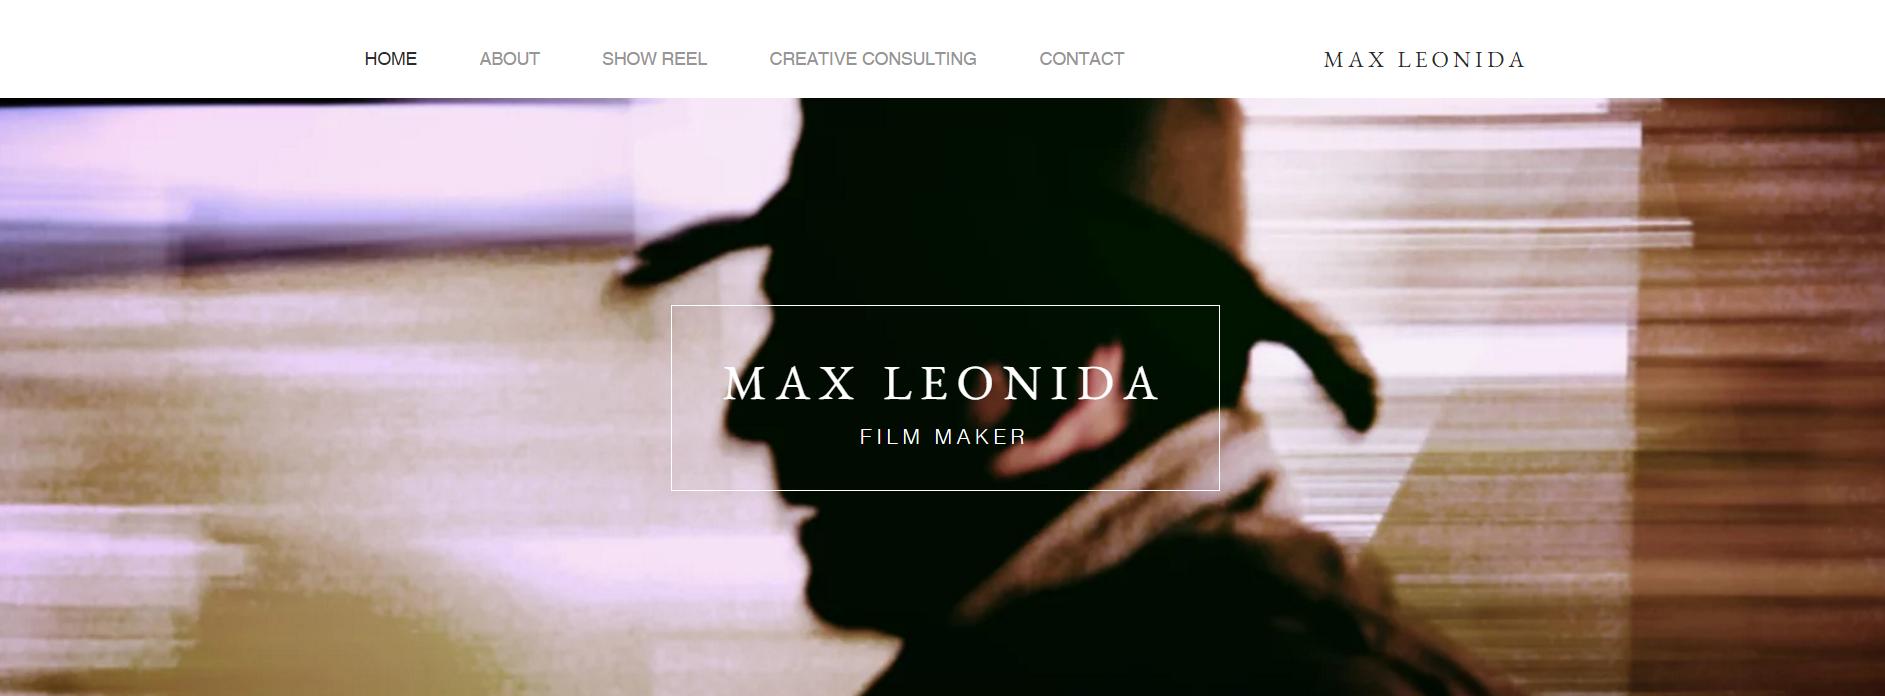 Featured Film Maker Max Leonida